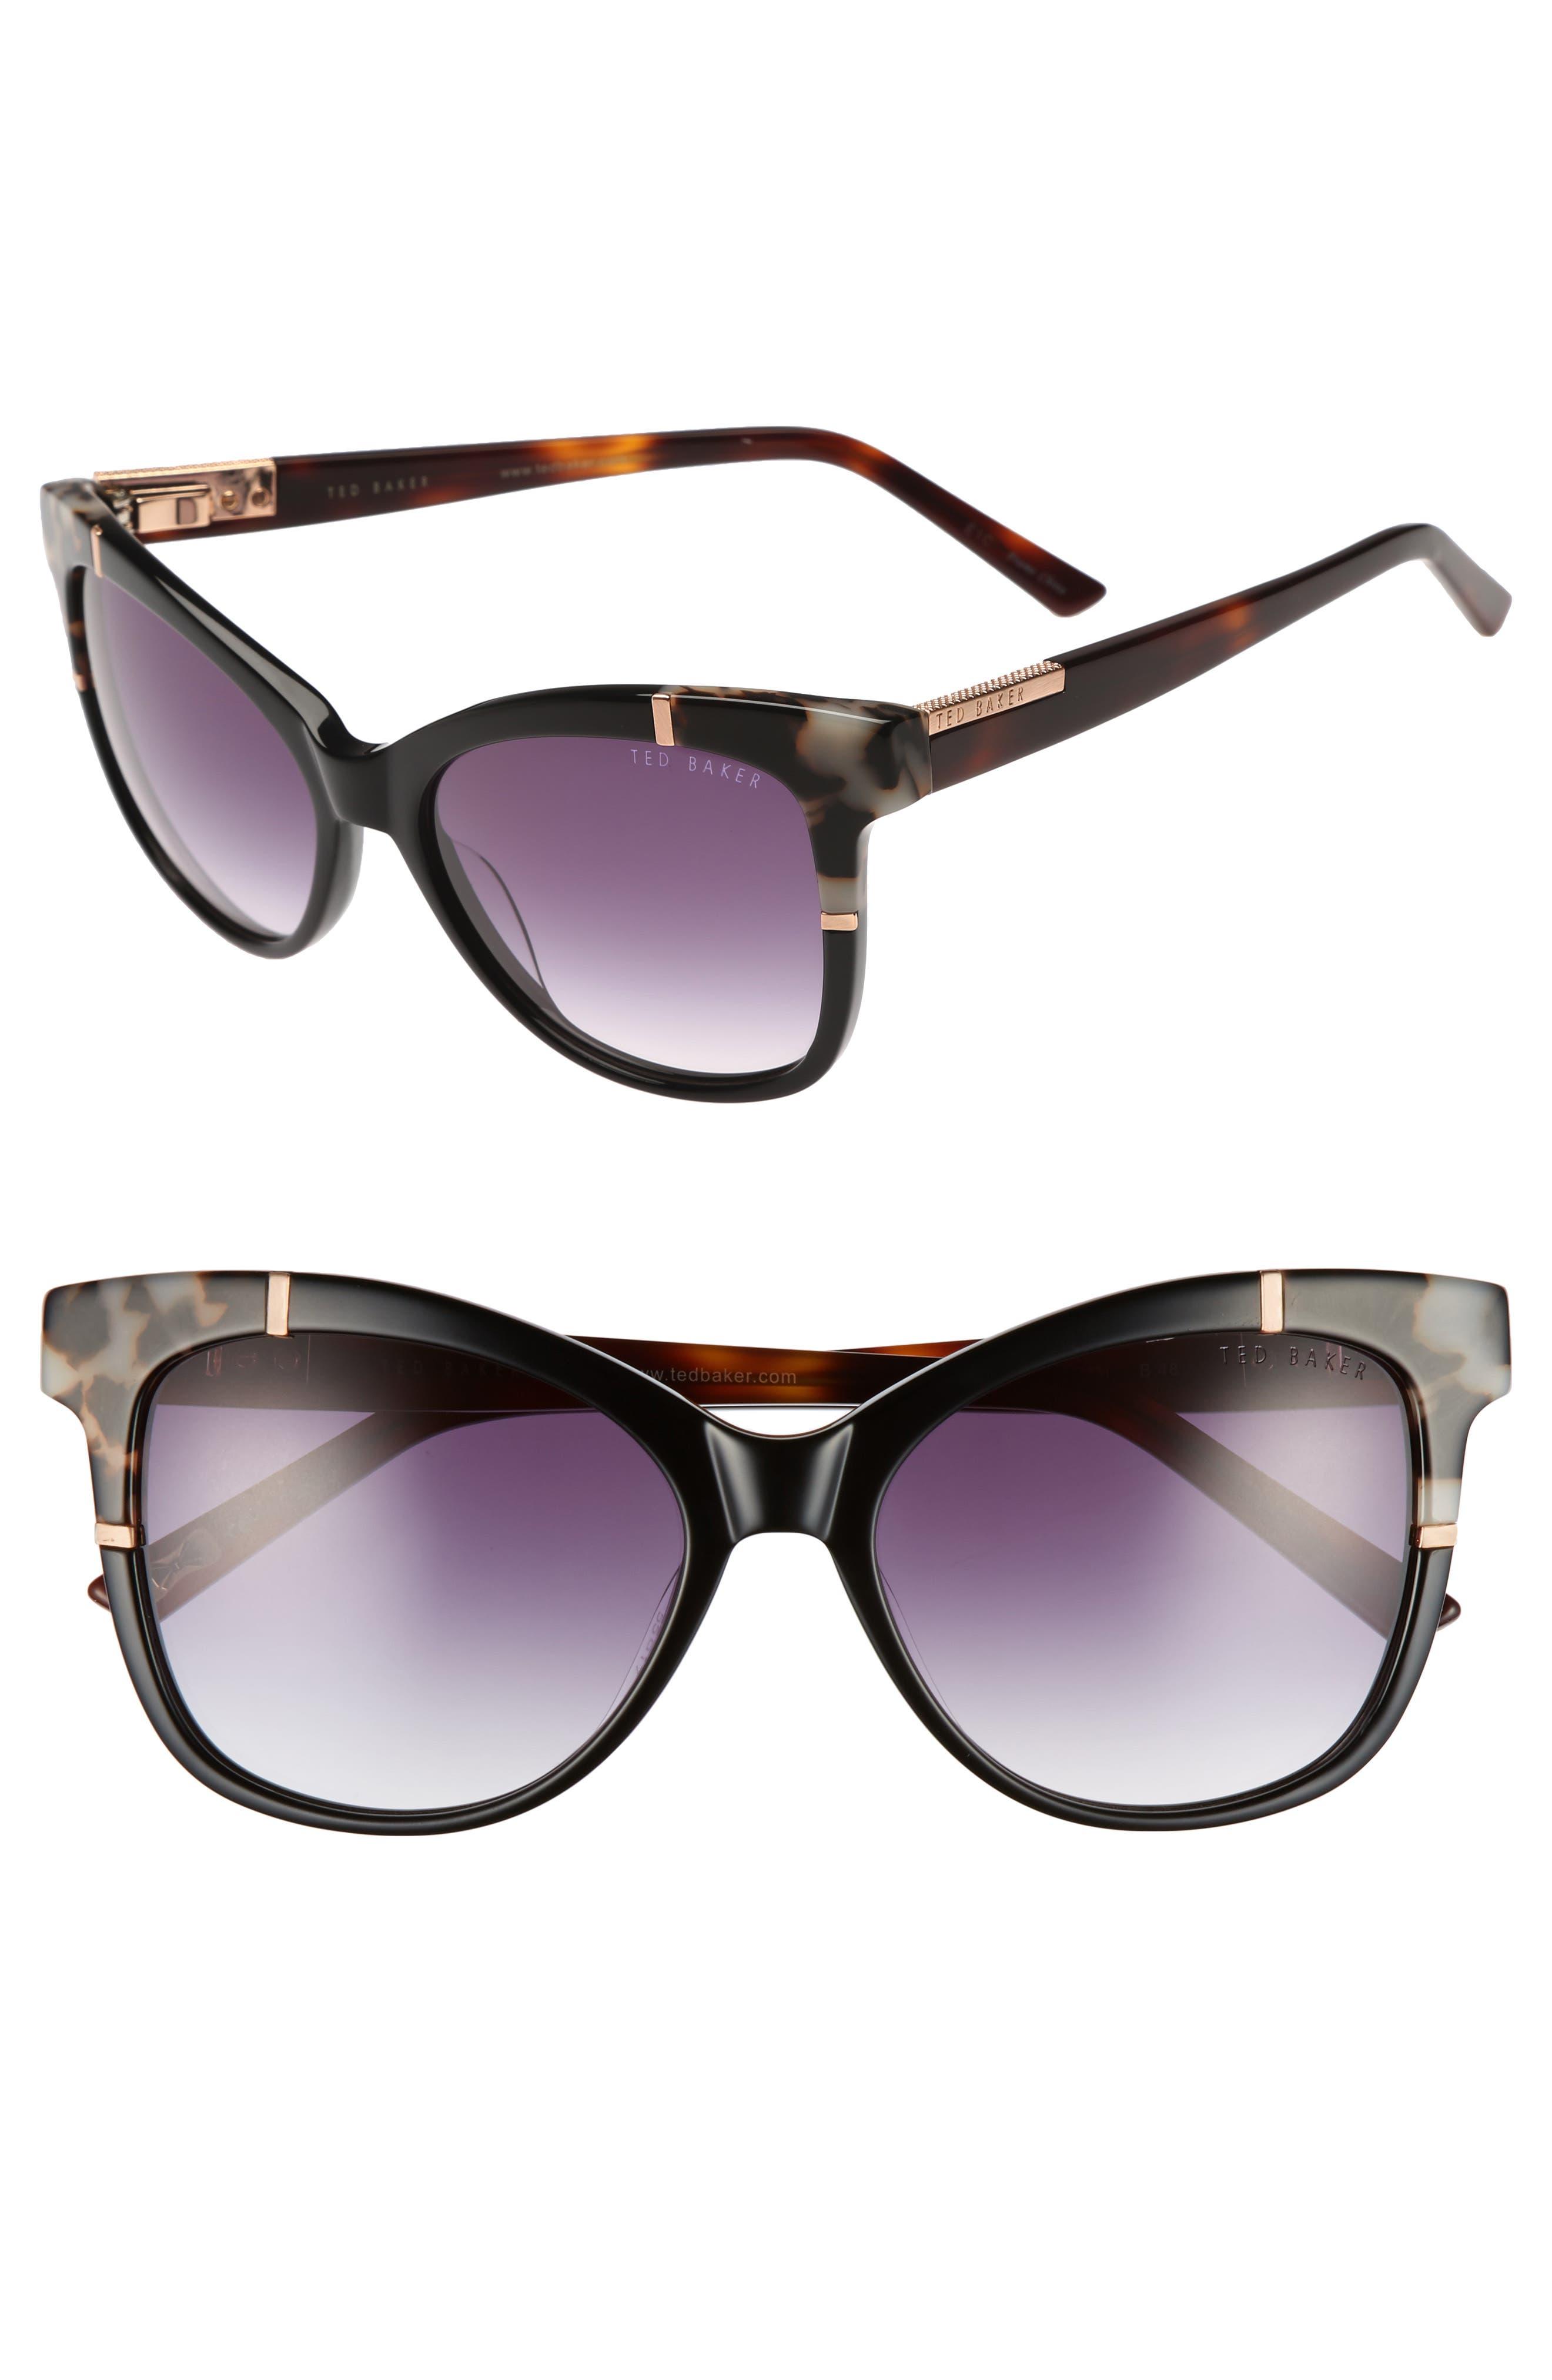 55mm Square Cat Eye Sunglasses,                             Main thumbnail 1, color,                             001